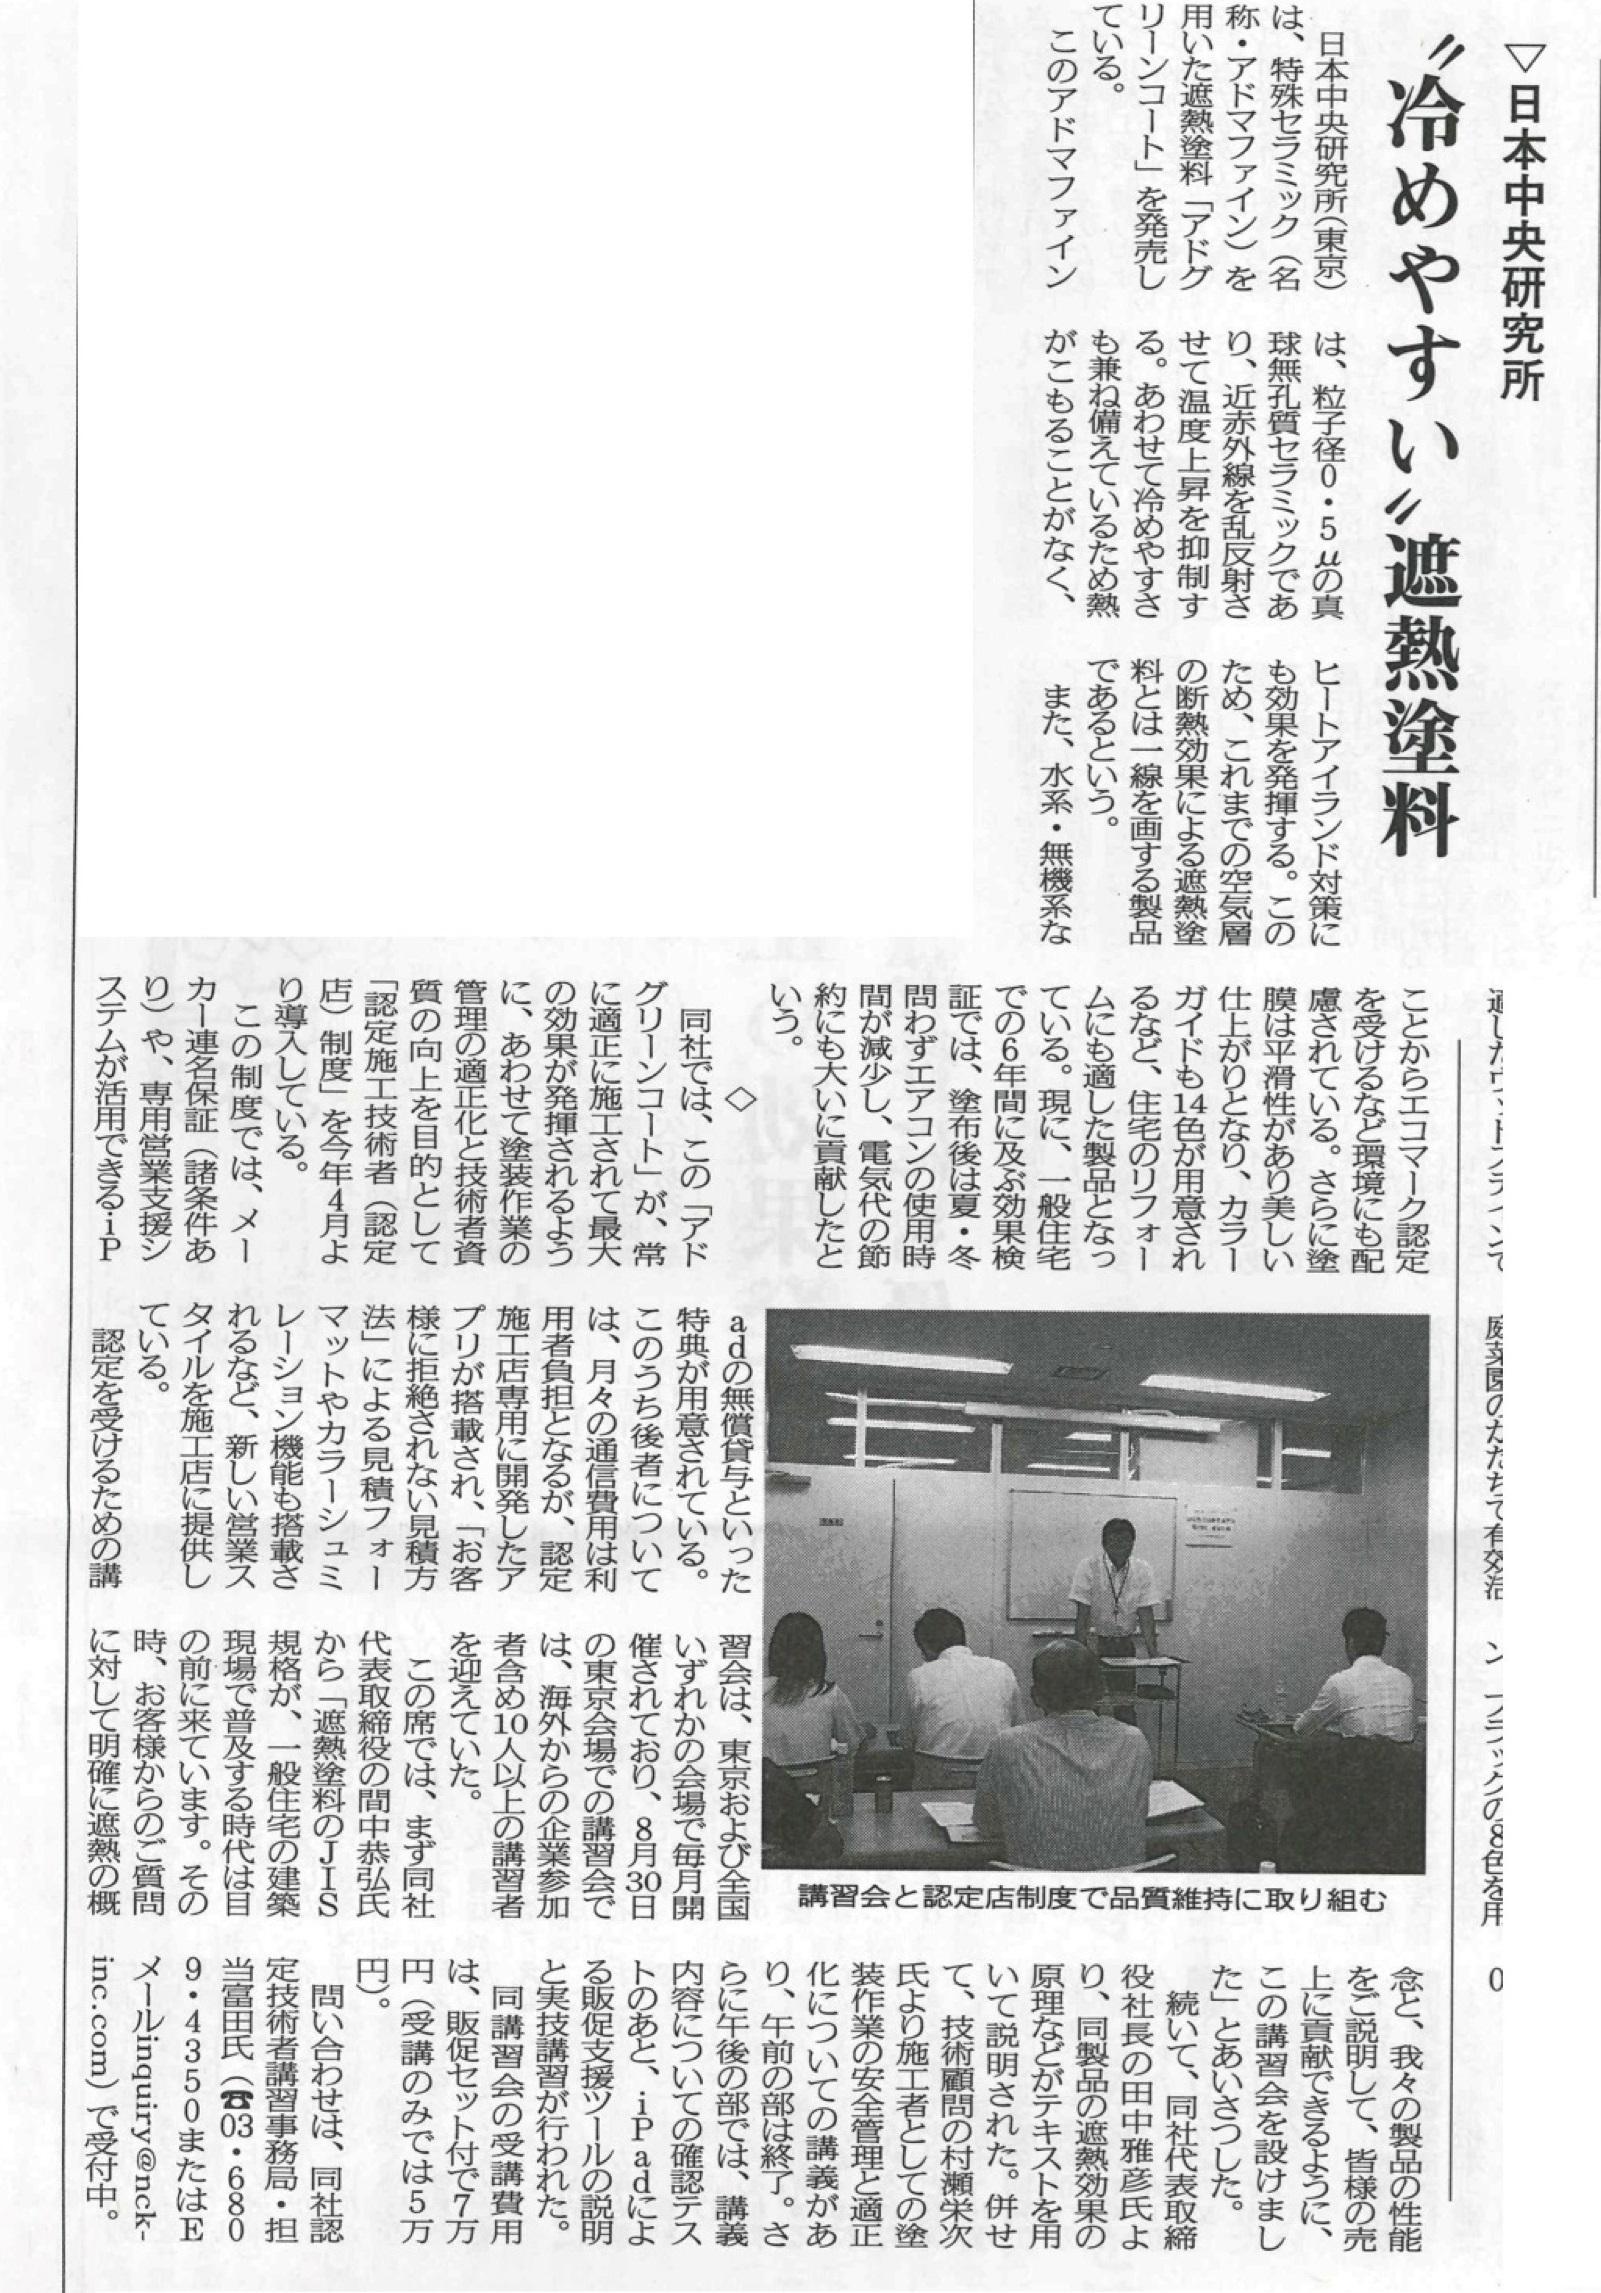 2013.9.27塗料報知新聞に掲載されました